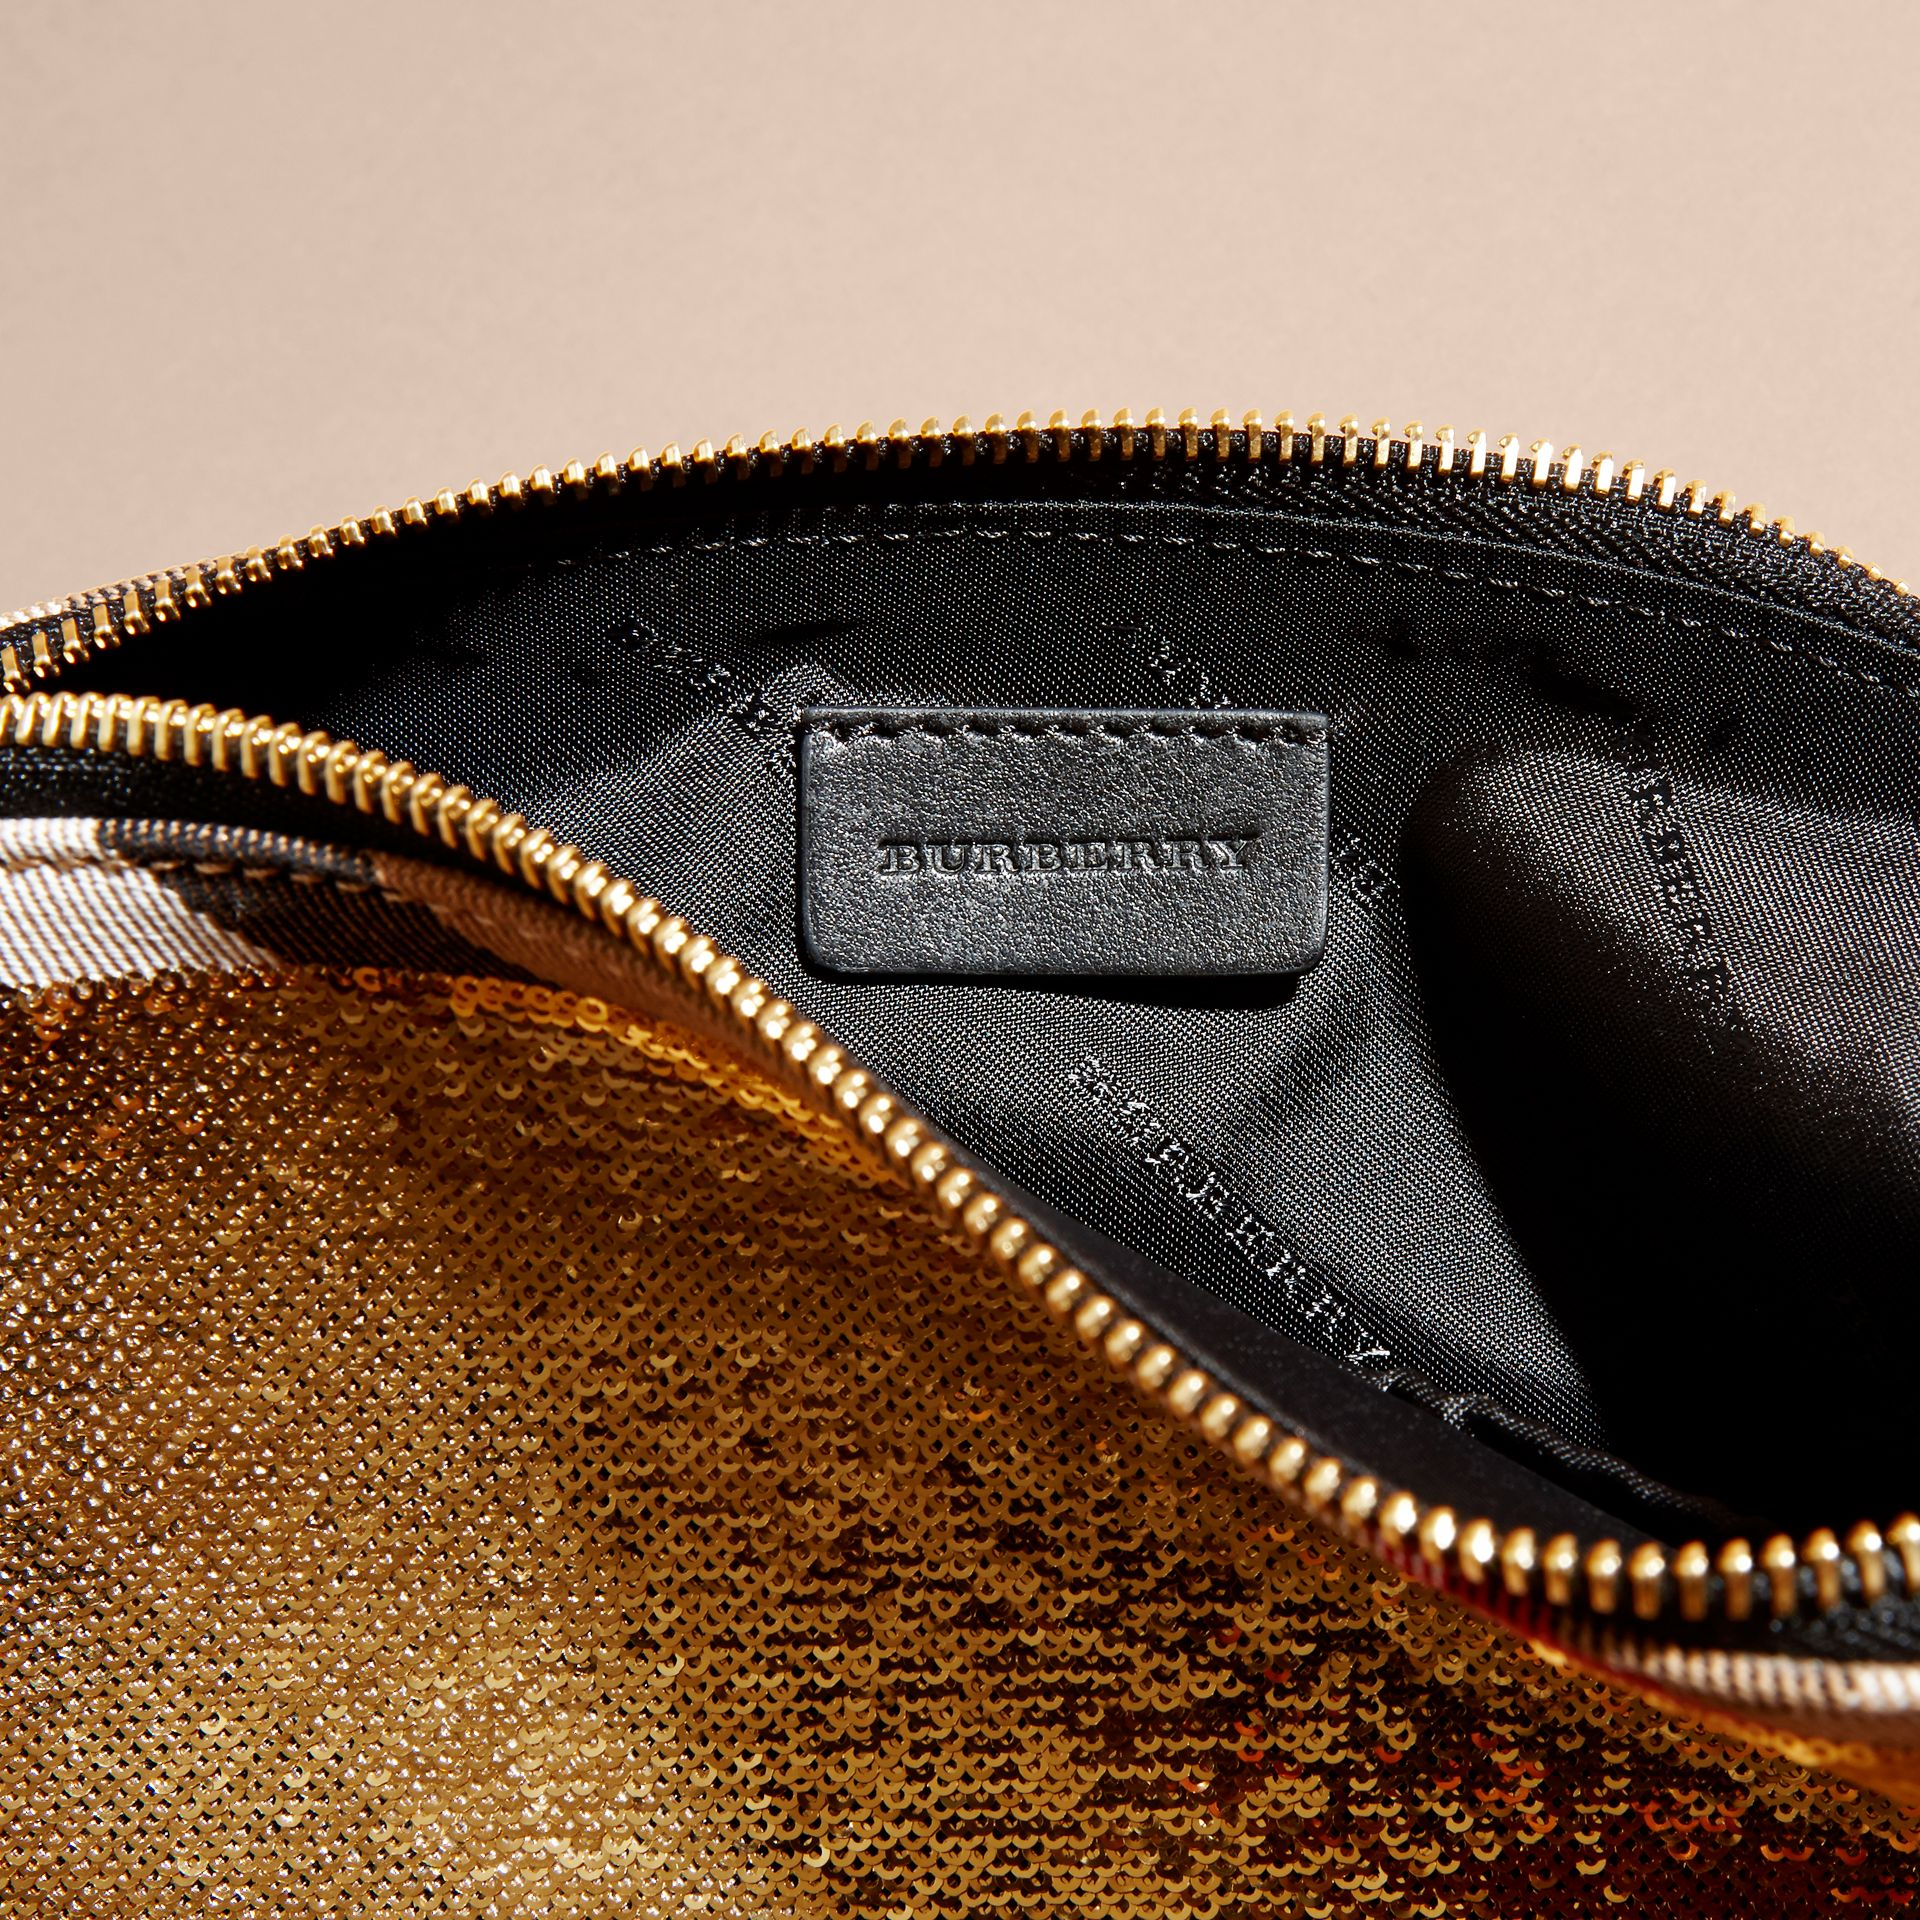 Oro/nero Trousse grande con motivo House check, paillettes e cerniera Oro/nero - immagine della galleria 5